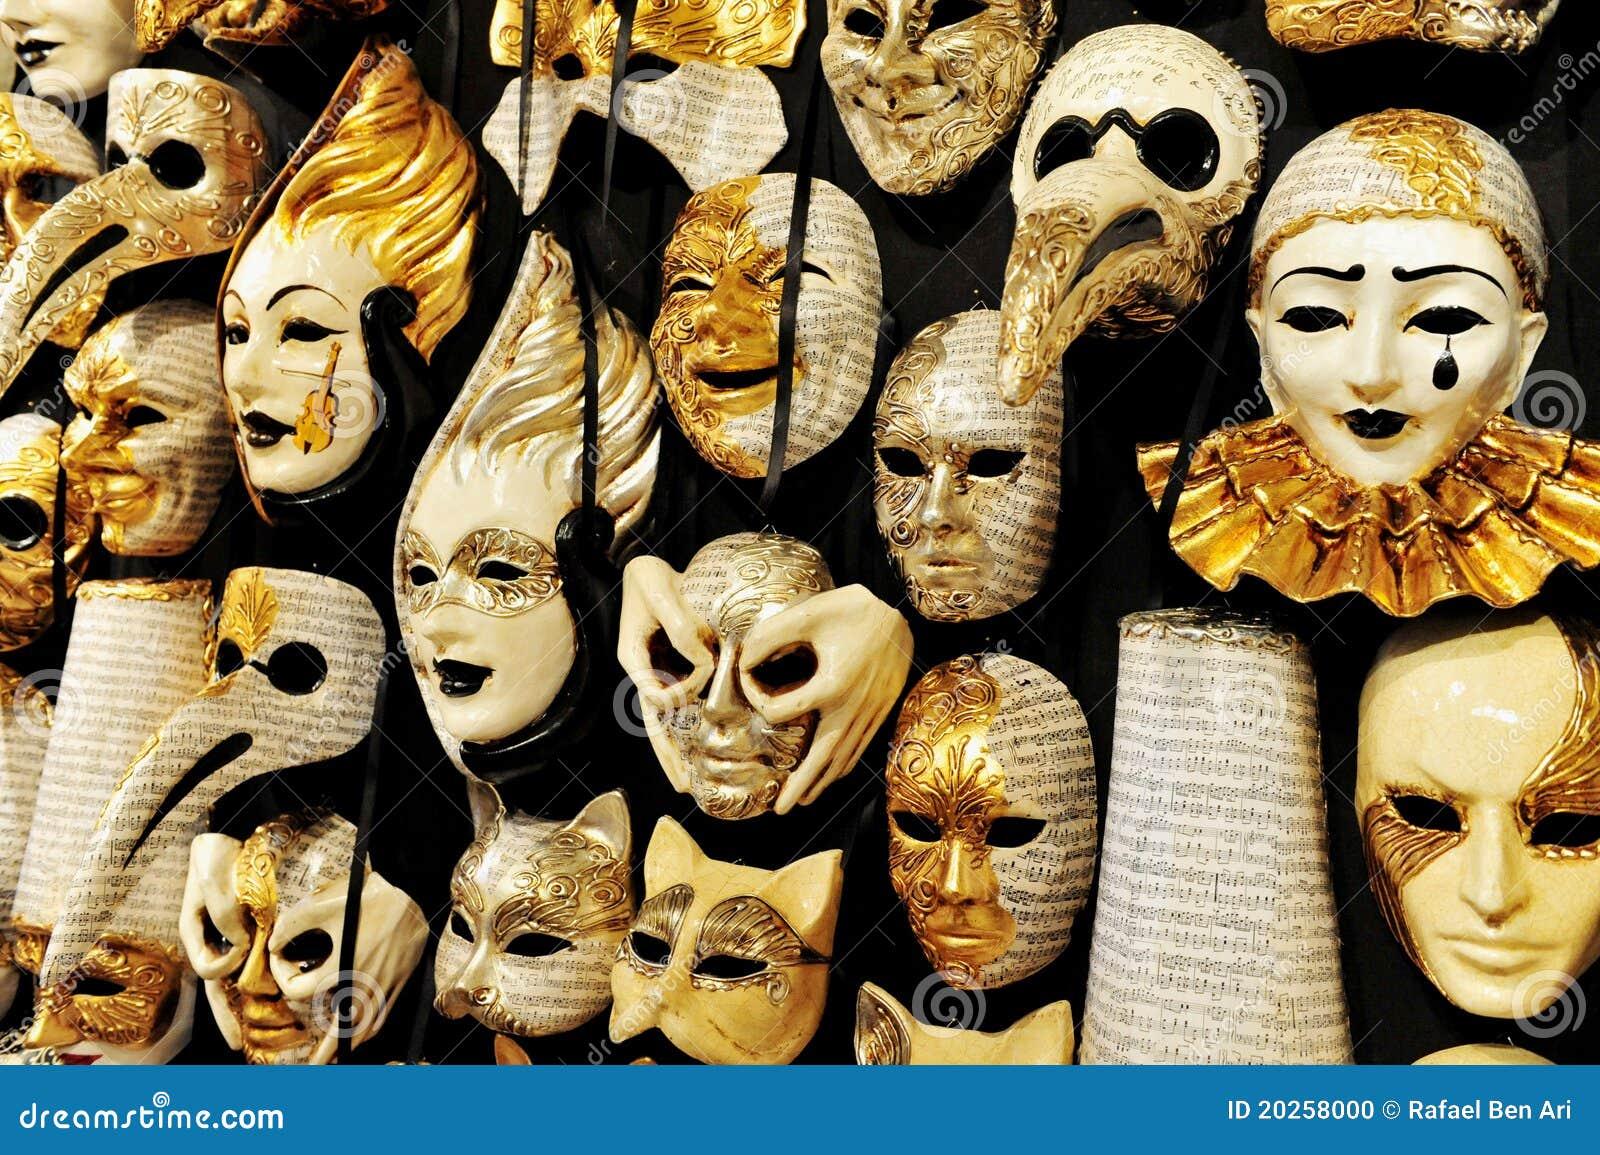 Venetian masks in venice italy stock photo image 20258000 - Mascaras de carnaval de venecia ...